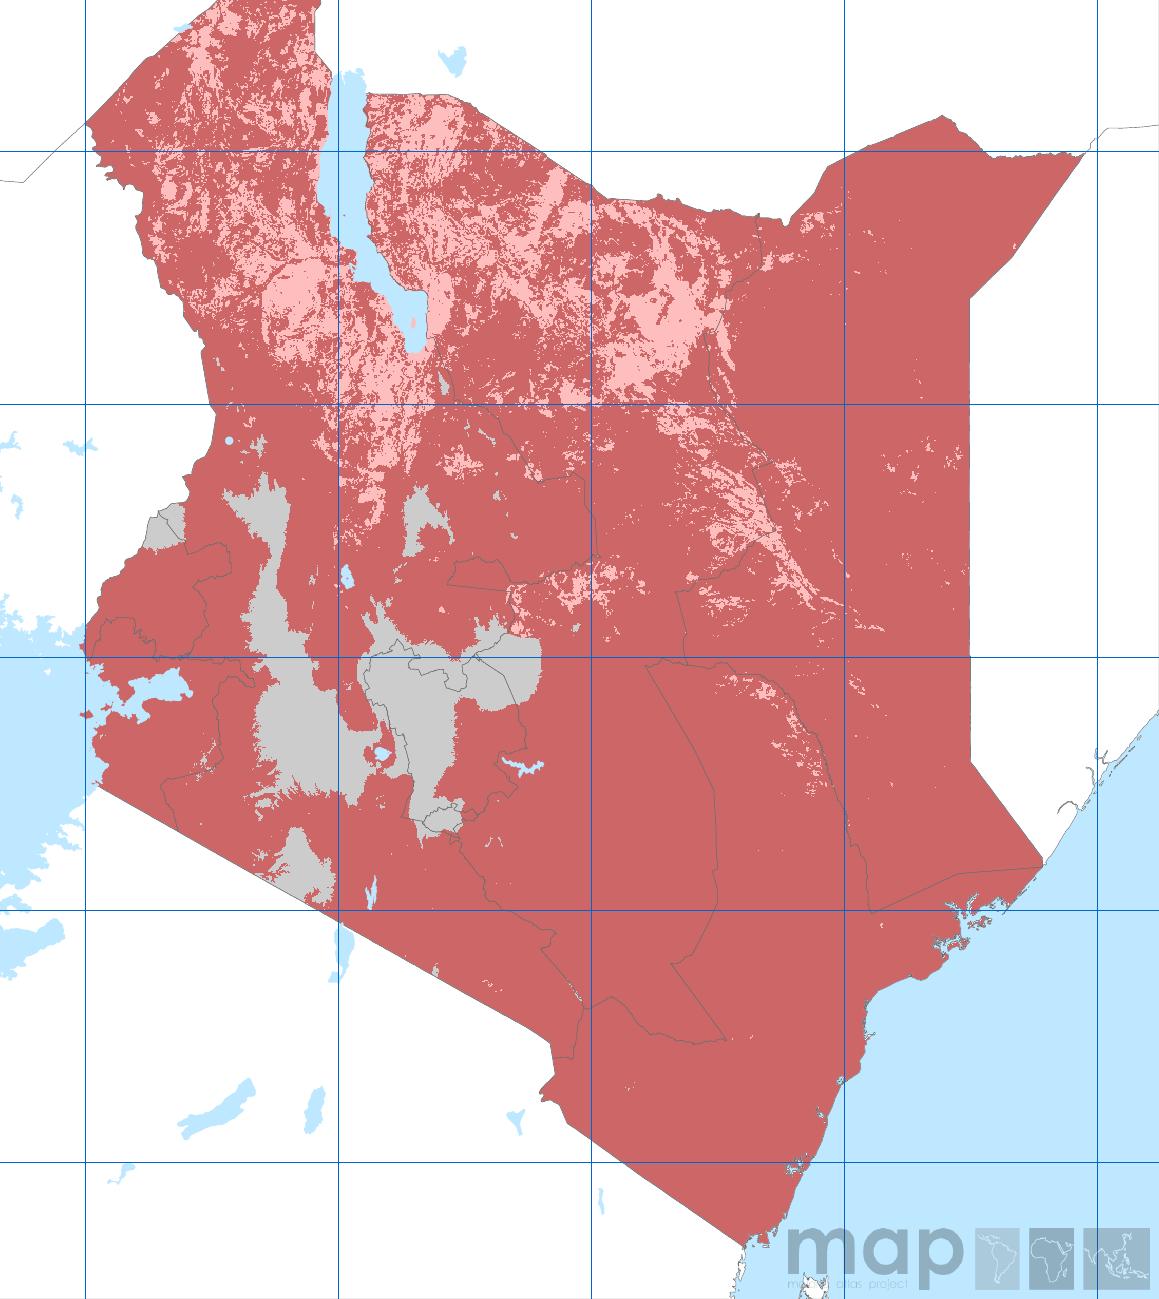 Malaria Kenia Karte.Big Data Vs Datenschutz Forscher Werten Handydaten Von 15